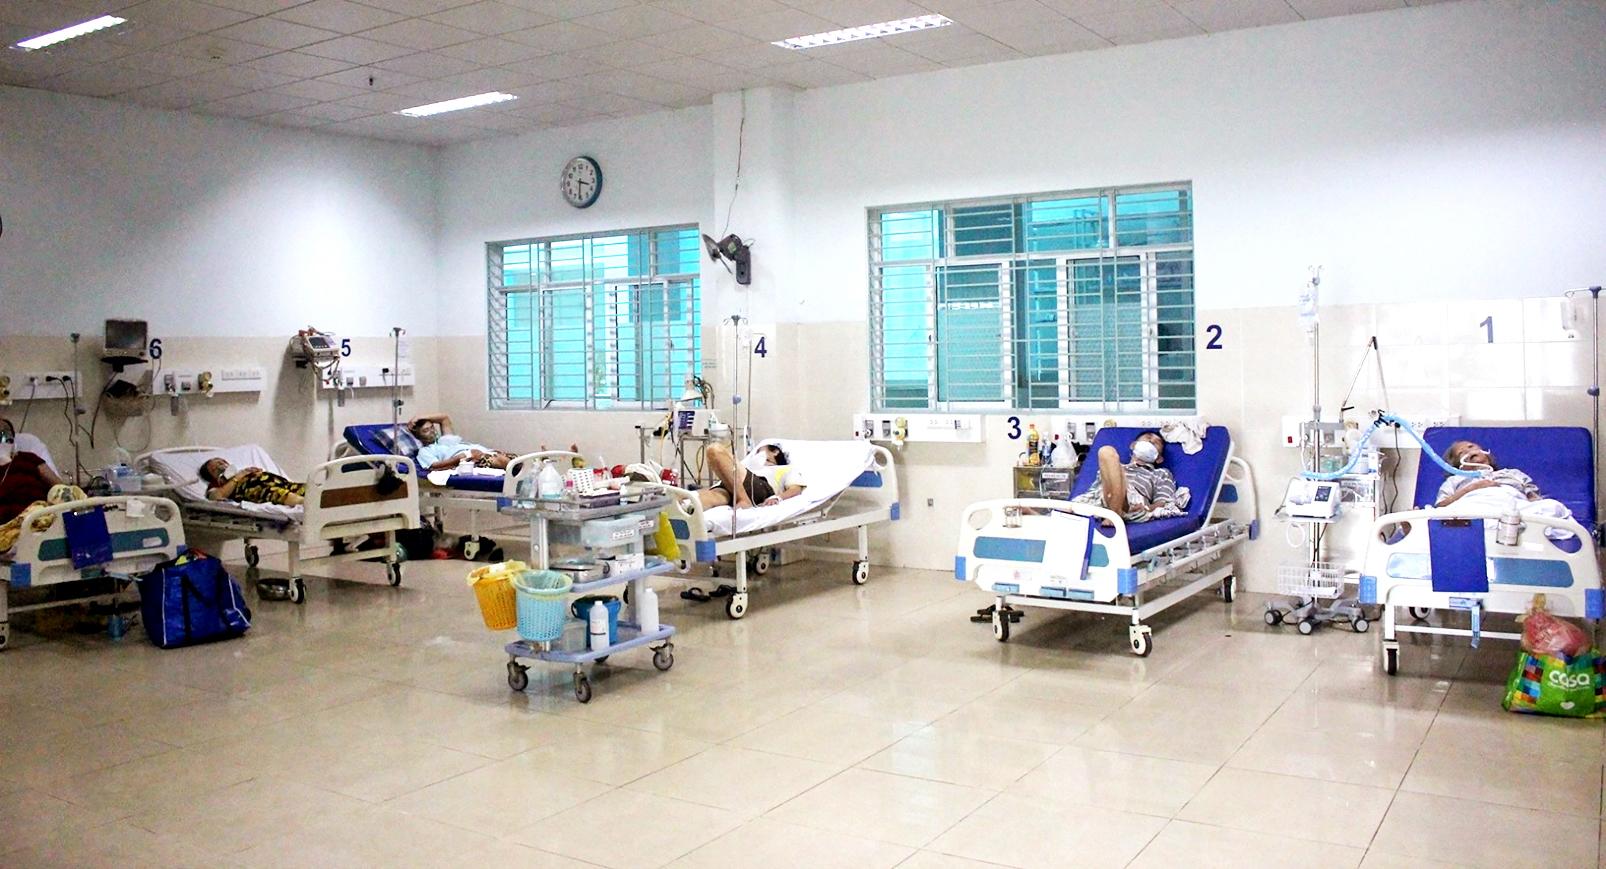 Điều trị cho bệnh nhân COVID-19 tại Bệnh viện Điều trị COVID-19 Gò Vấp - ẢNH: BỘ Y TẾ